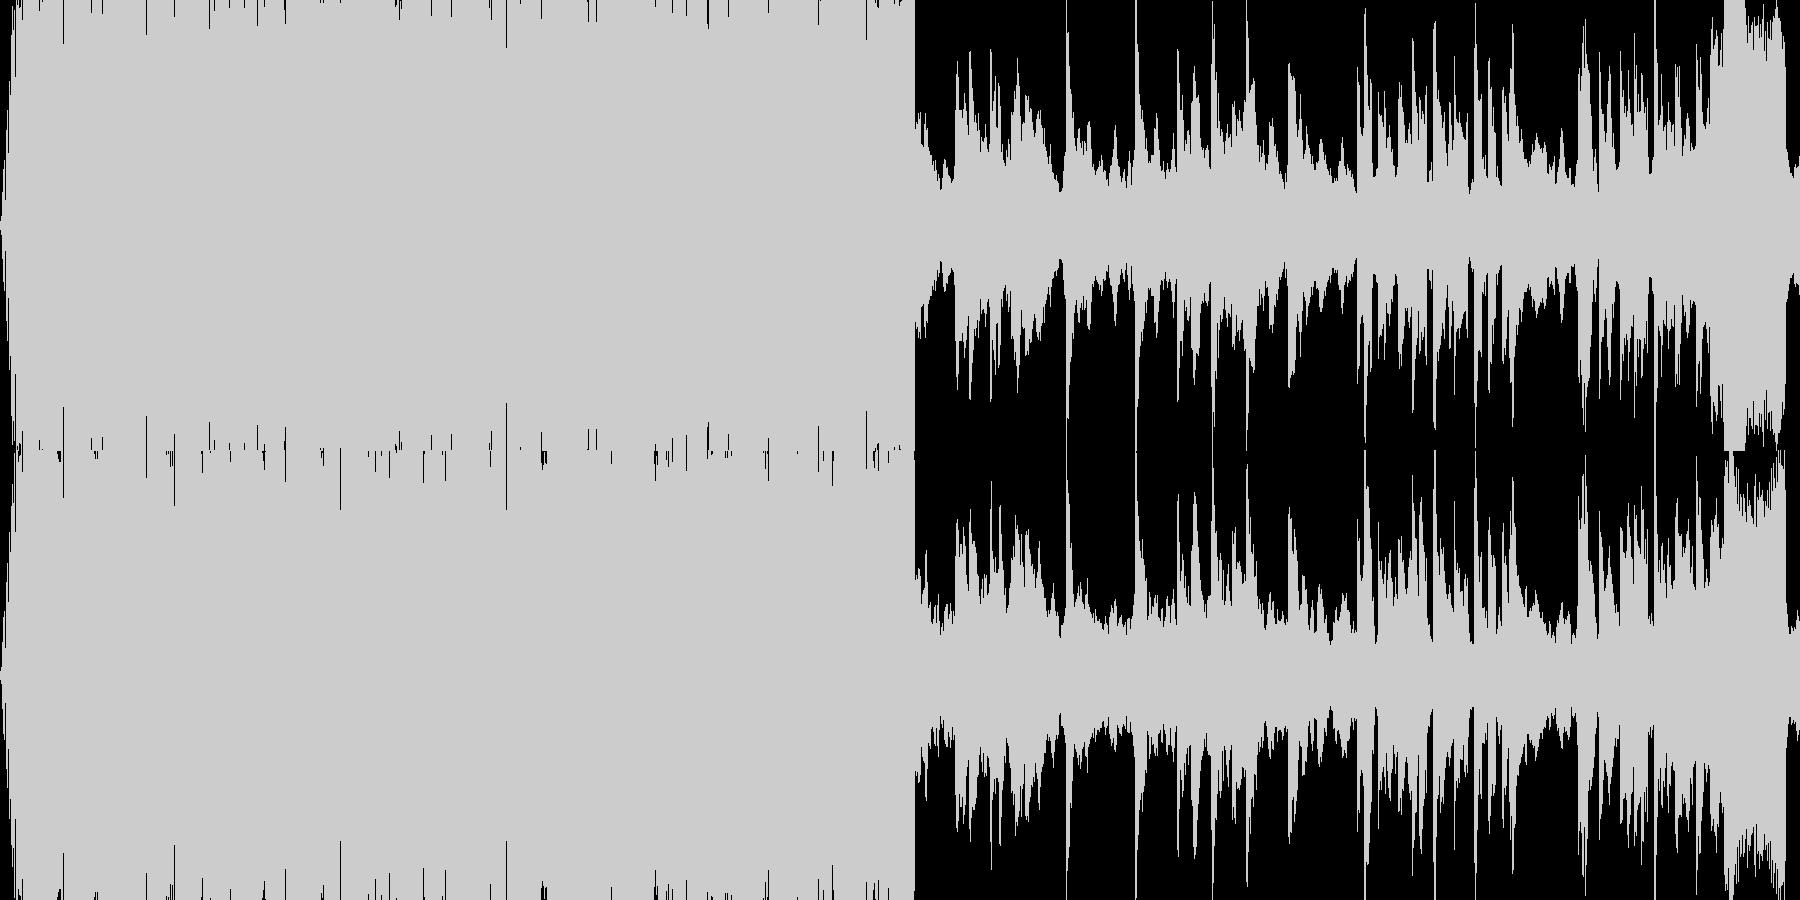 【スローテンポなバラードEDM】の未再生の波形